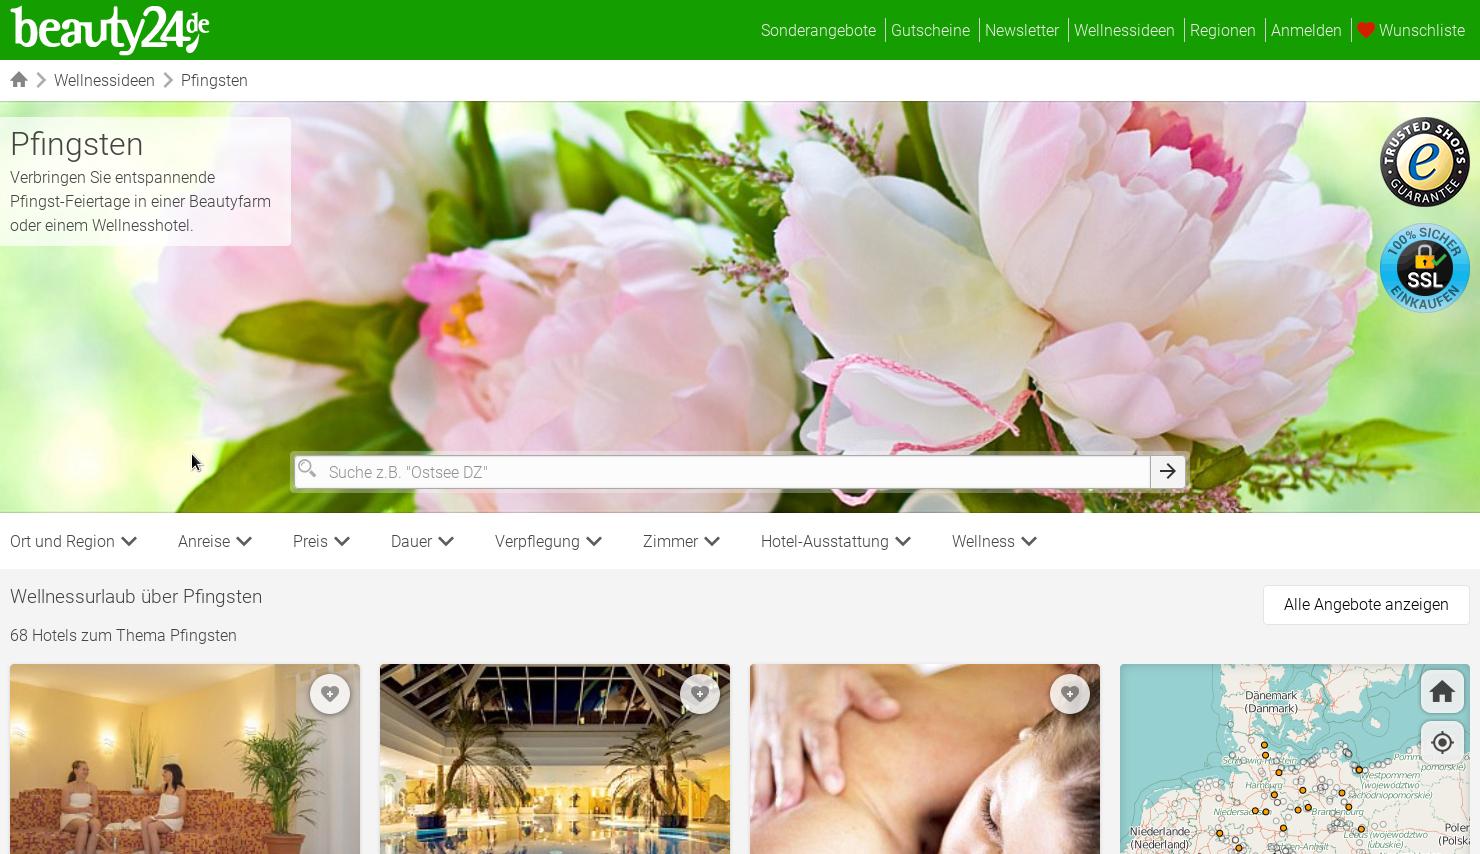 Tolle Angebote zu Pfingsten! Bildhinweis: © beauty24 GmbH